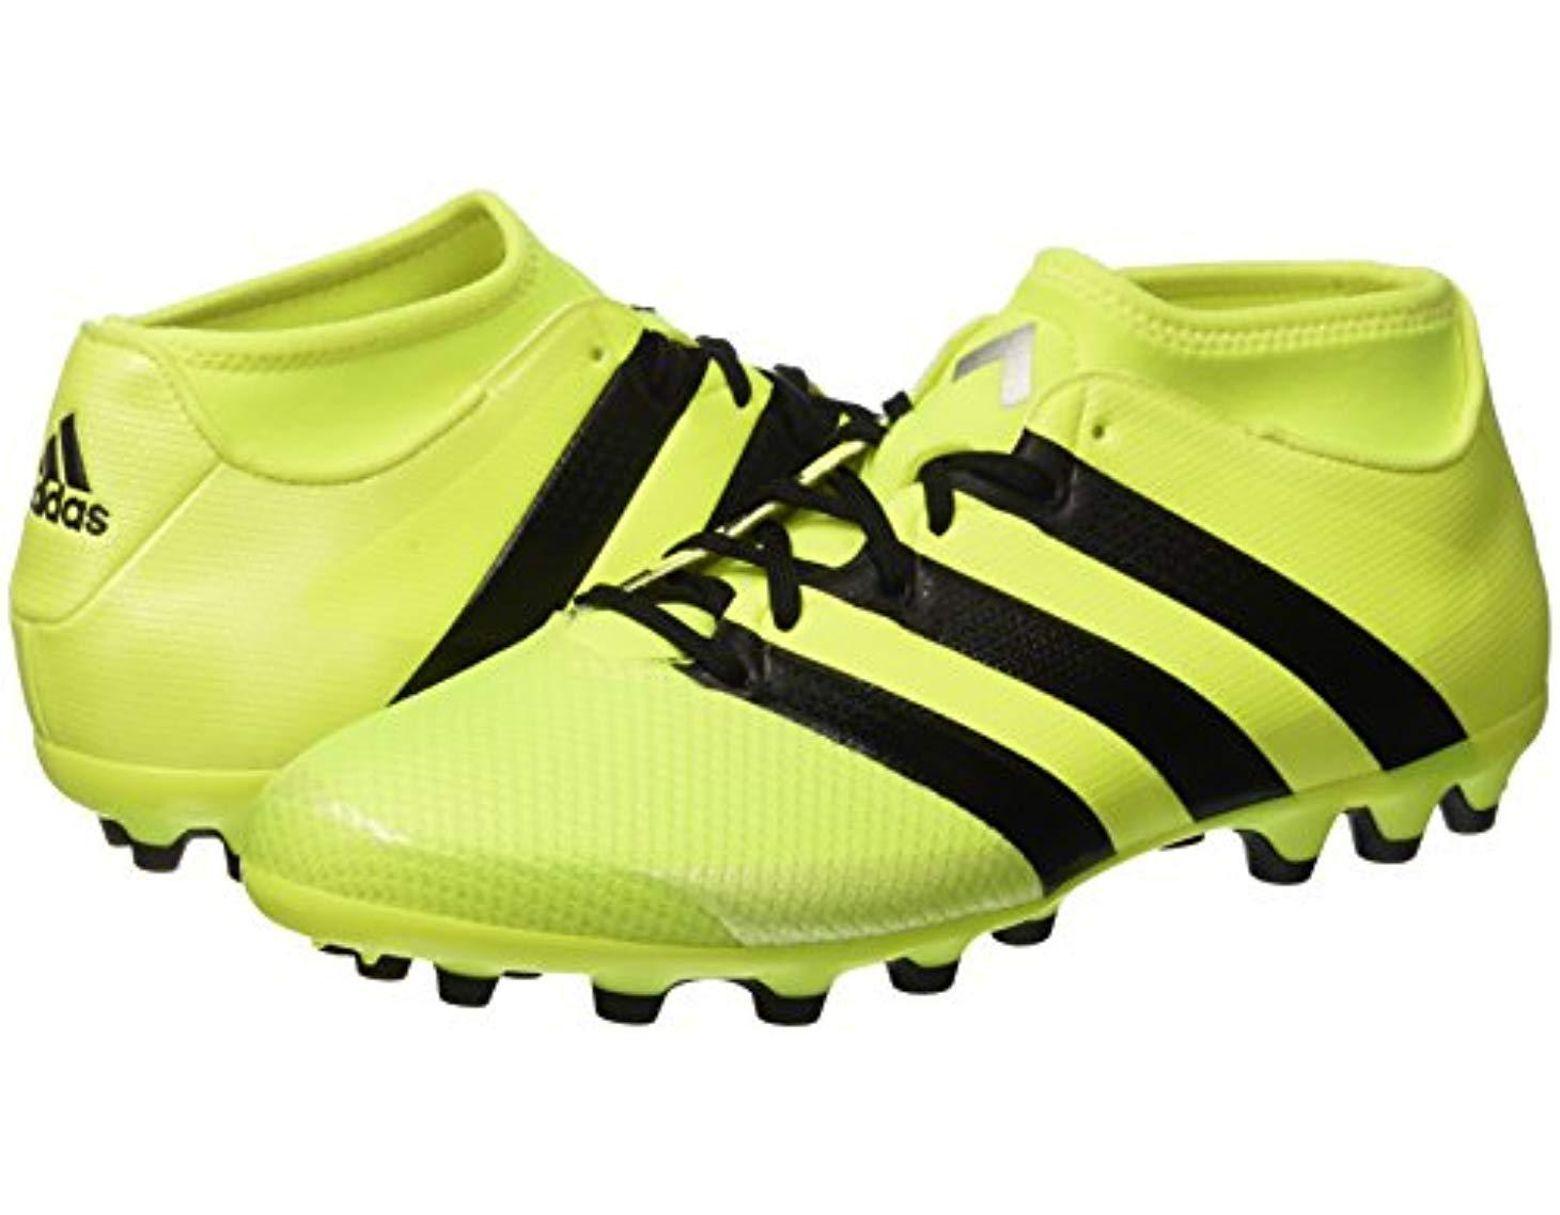 3 PrimemeshChaussures De Adidas Ace Football Entrainement Homme 16 shrtdCQ